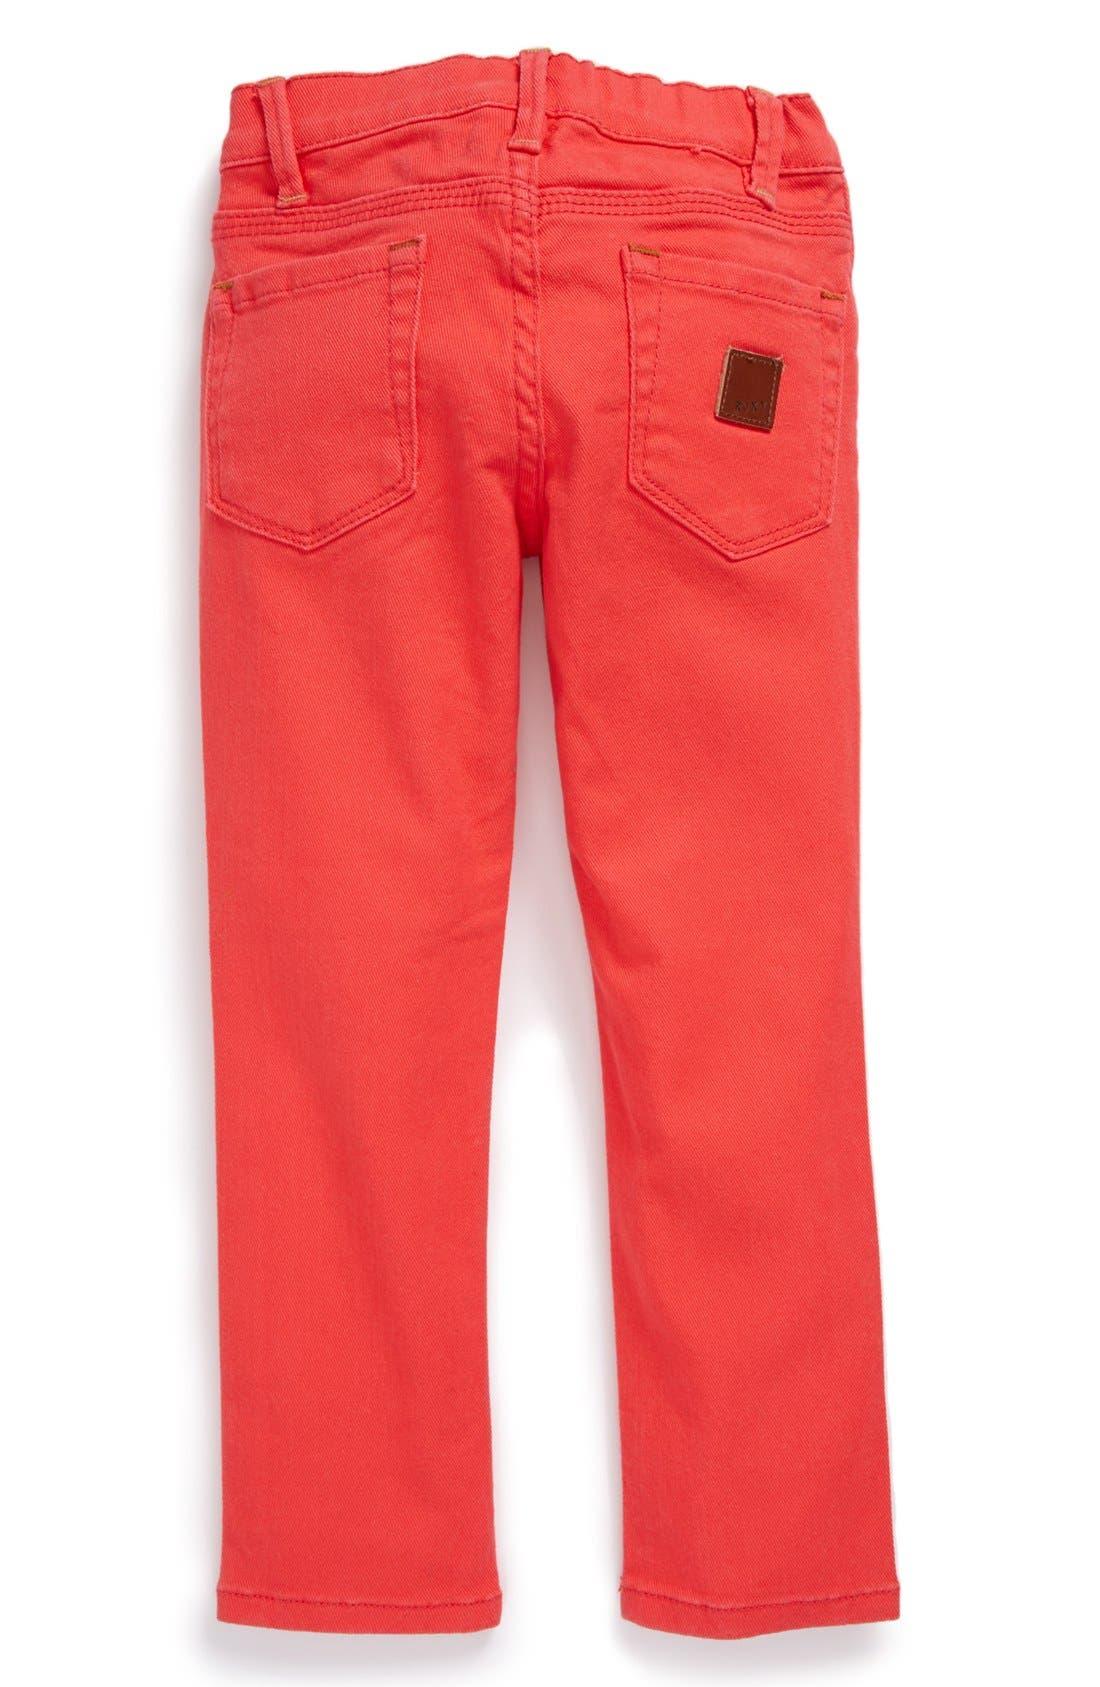 Alternate Image 1 Selected - Roxy 'Skinny Rails' Skinny Jeans (Little Girls)